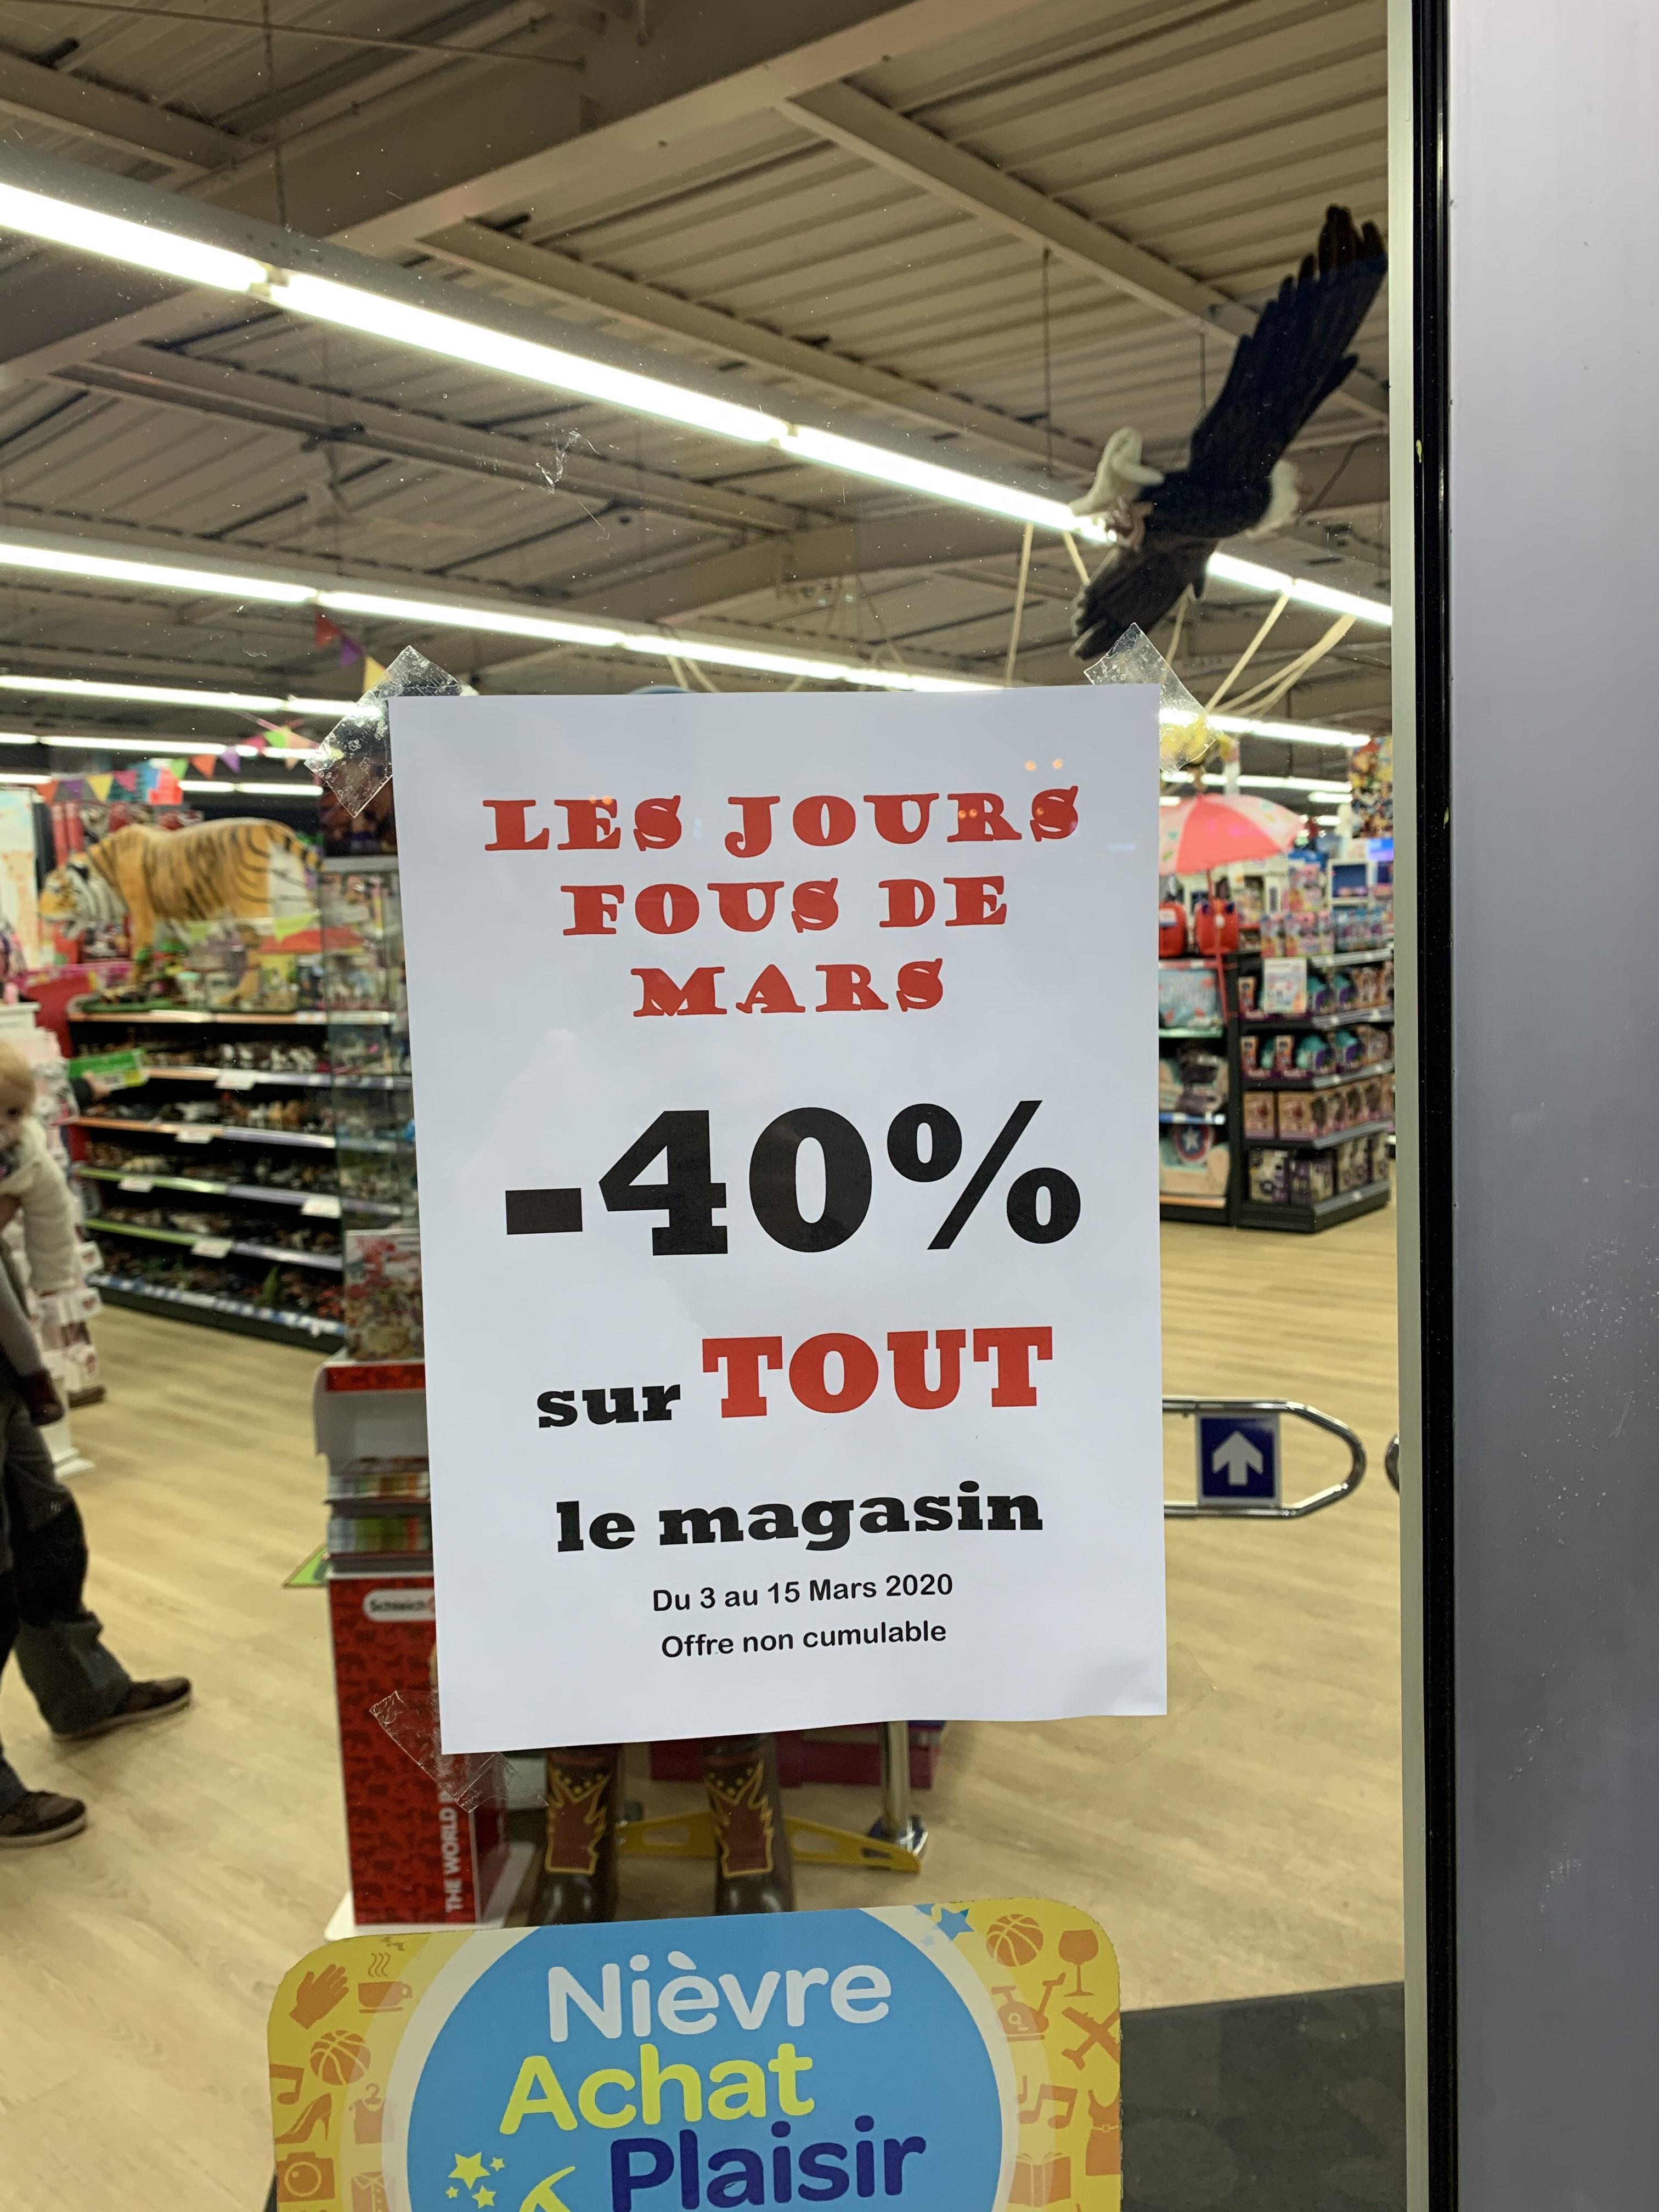 40% de réduction sur tout le magasin - Nevers (58)